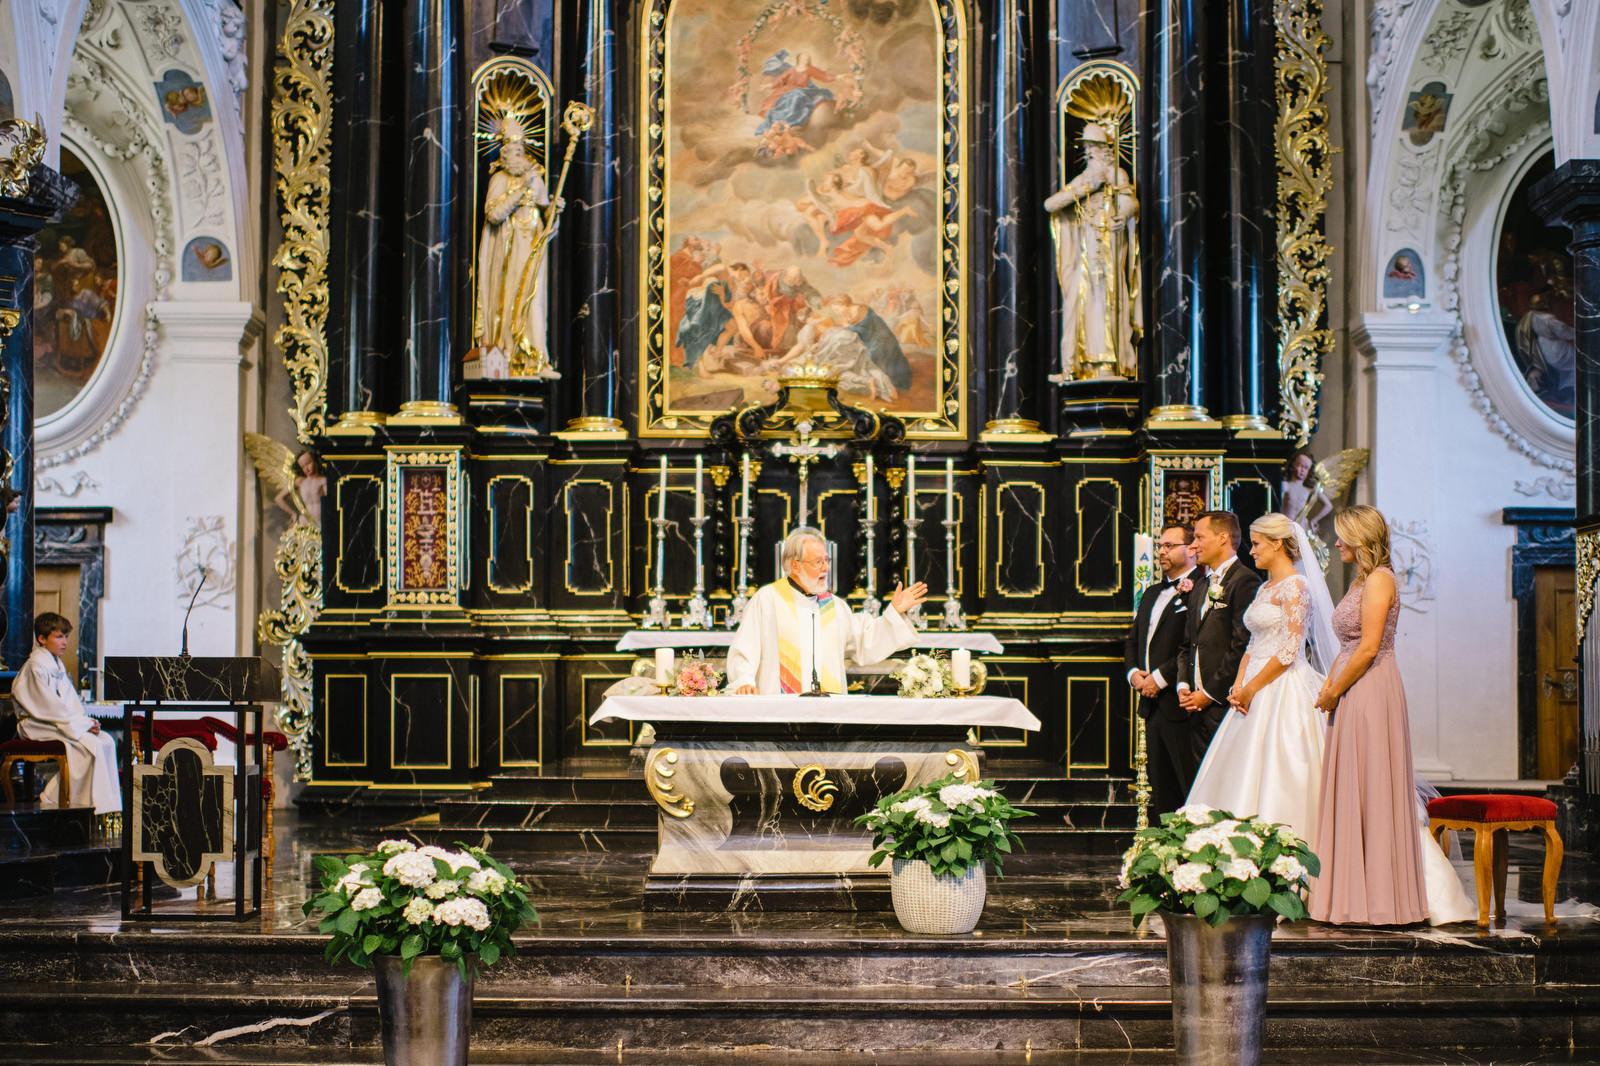 Fotograf Konstanz - Luxus Hochzeit Fotograf Grand Resort Bad Ragaz Schweiz Lichtenstein 058 - Destination wedding at the Grand Resort Bad Ragaz, Swiss  - 147 -